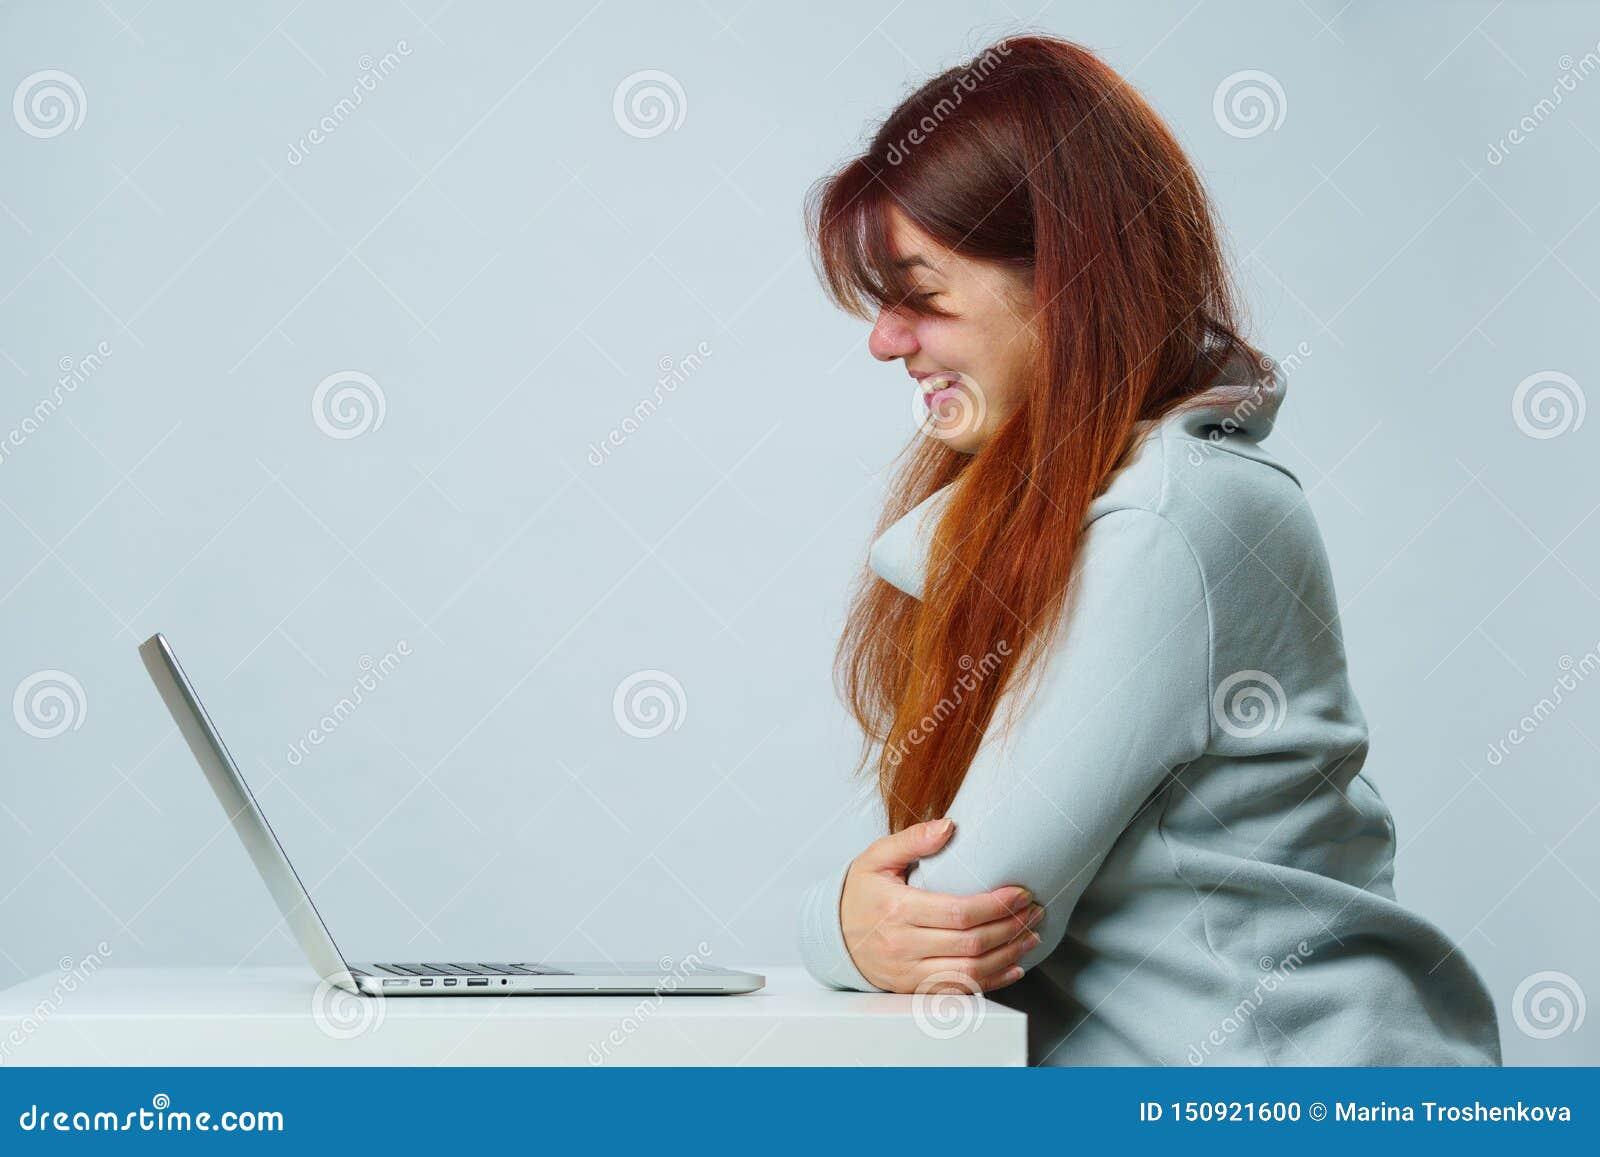 Женщина использует ноутбук для сообщения в болтовне или видео-чате Социальная концепция средств массовой информации